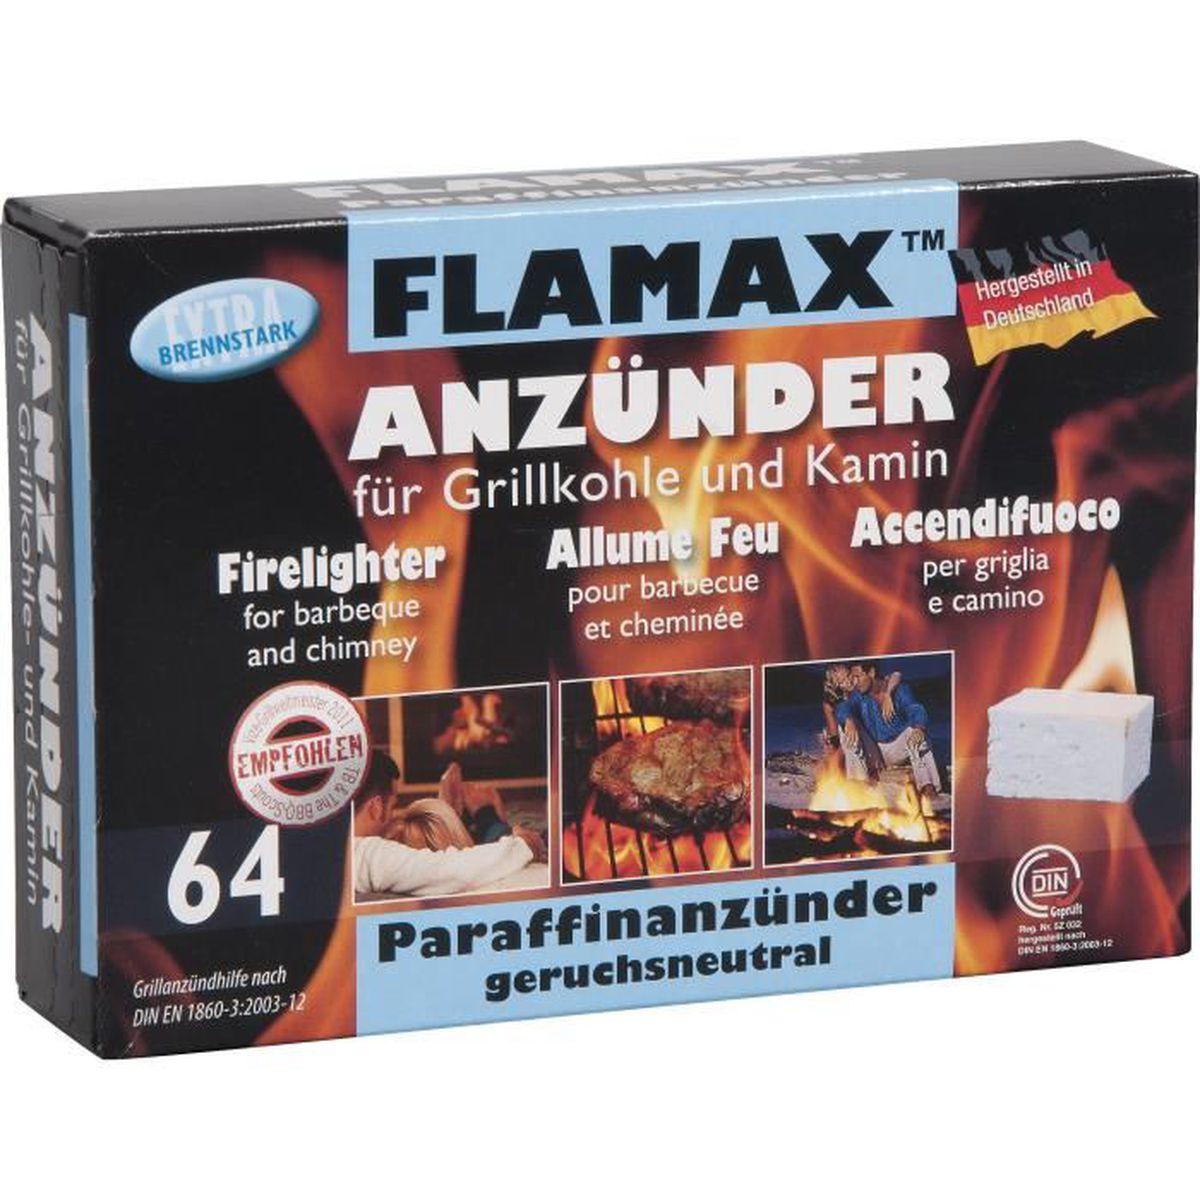 allume-feu barbecue et cheminée - 64 pièces - achat / vente allume